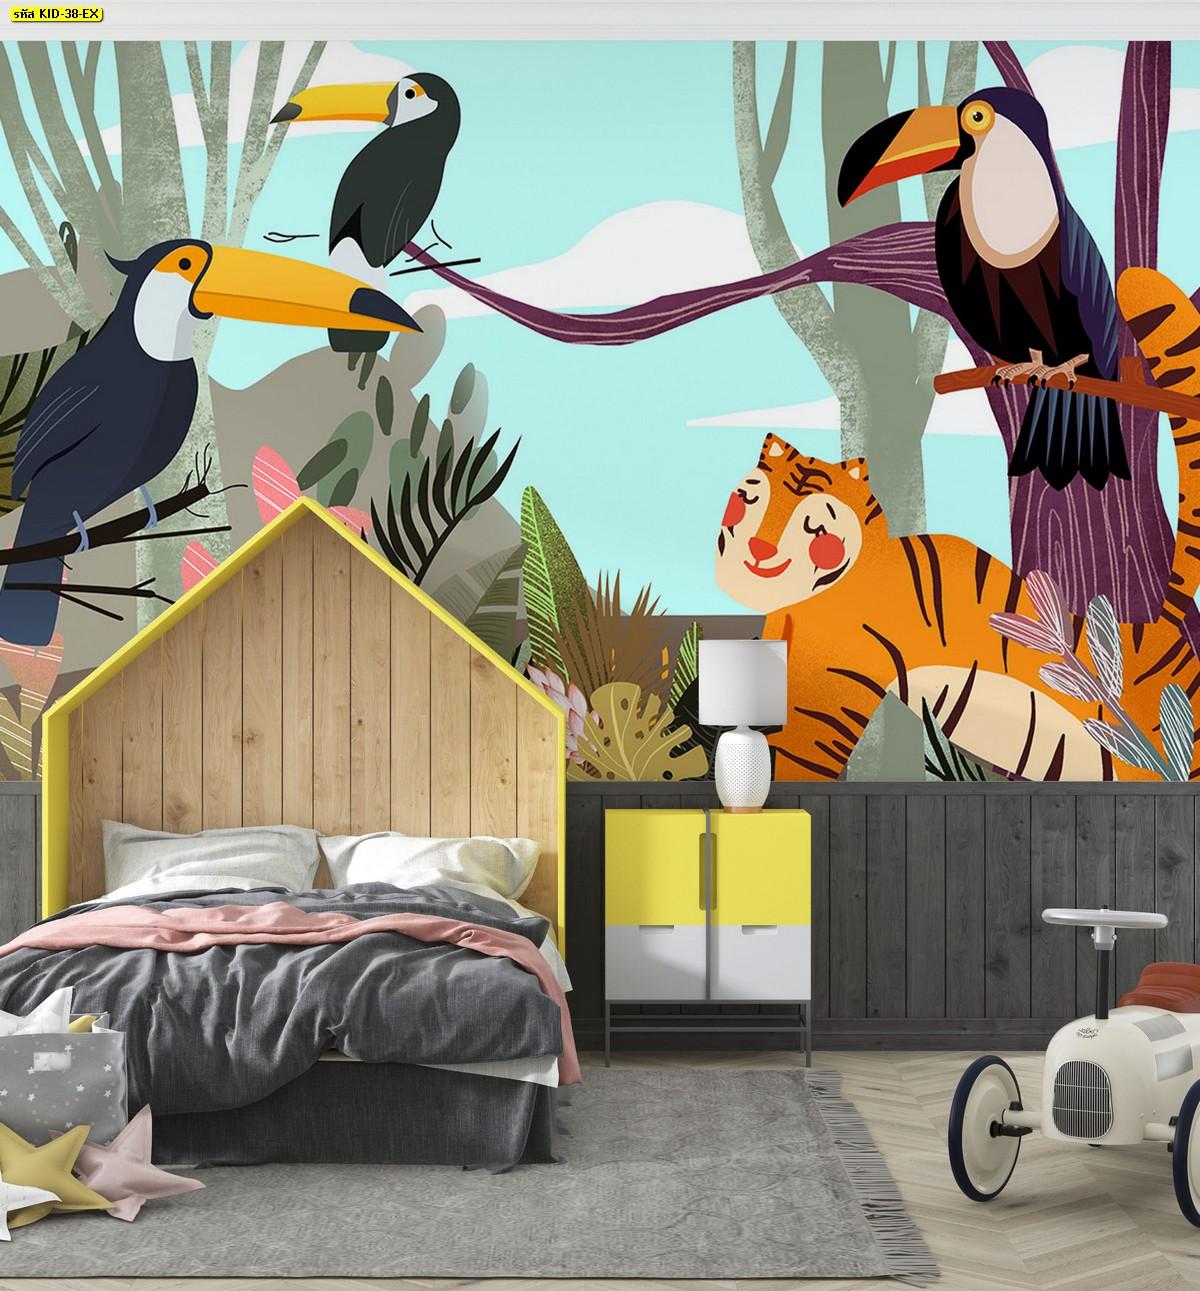 แต่งห้องนอนเด็ก ห้องนอนลูก ไอเดียแต่งห้องลูกรัก วอลเปเปอร์ลายสวนสัตว์